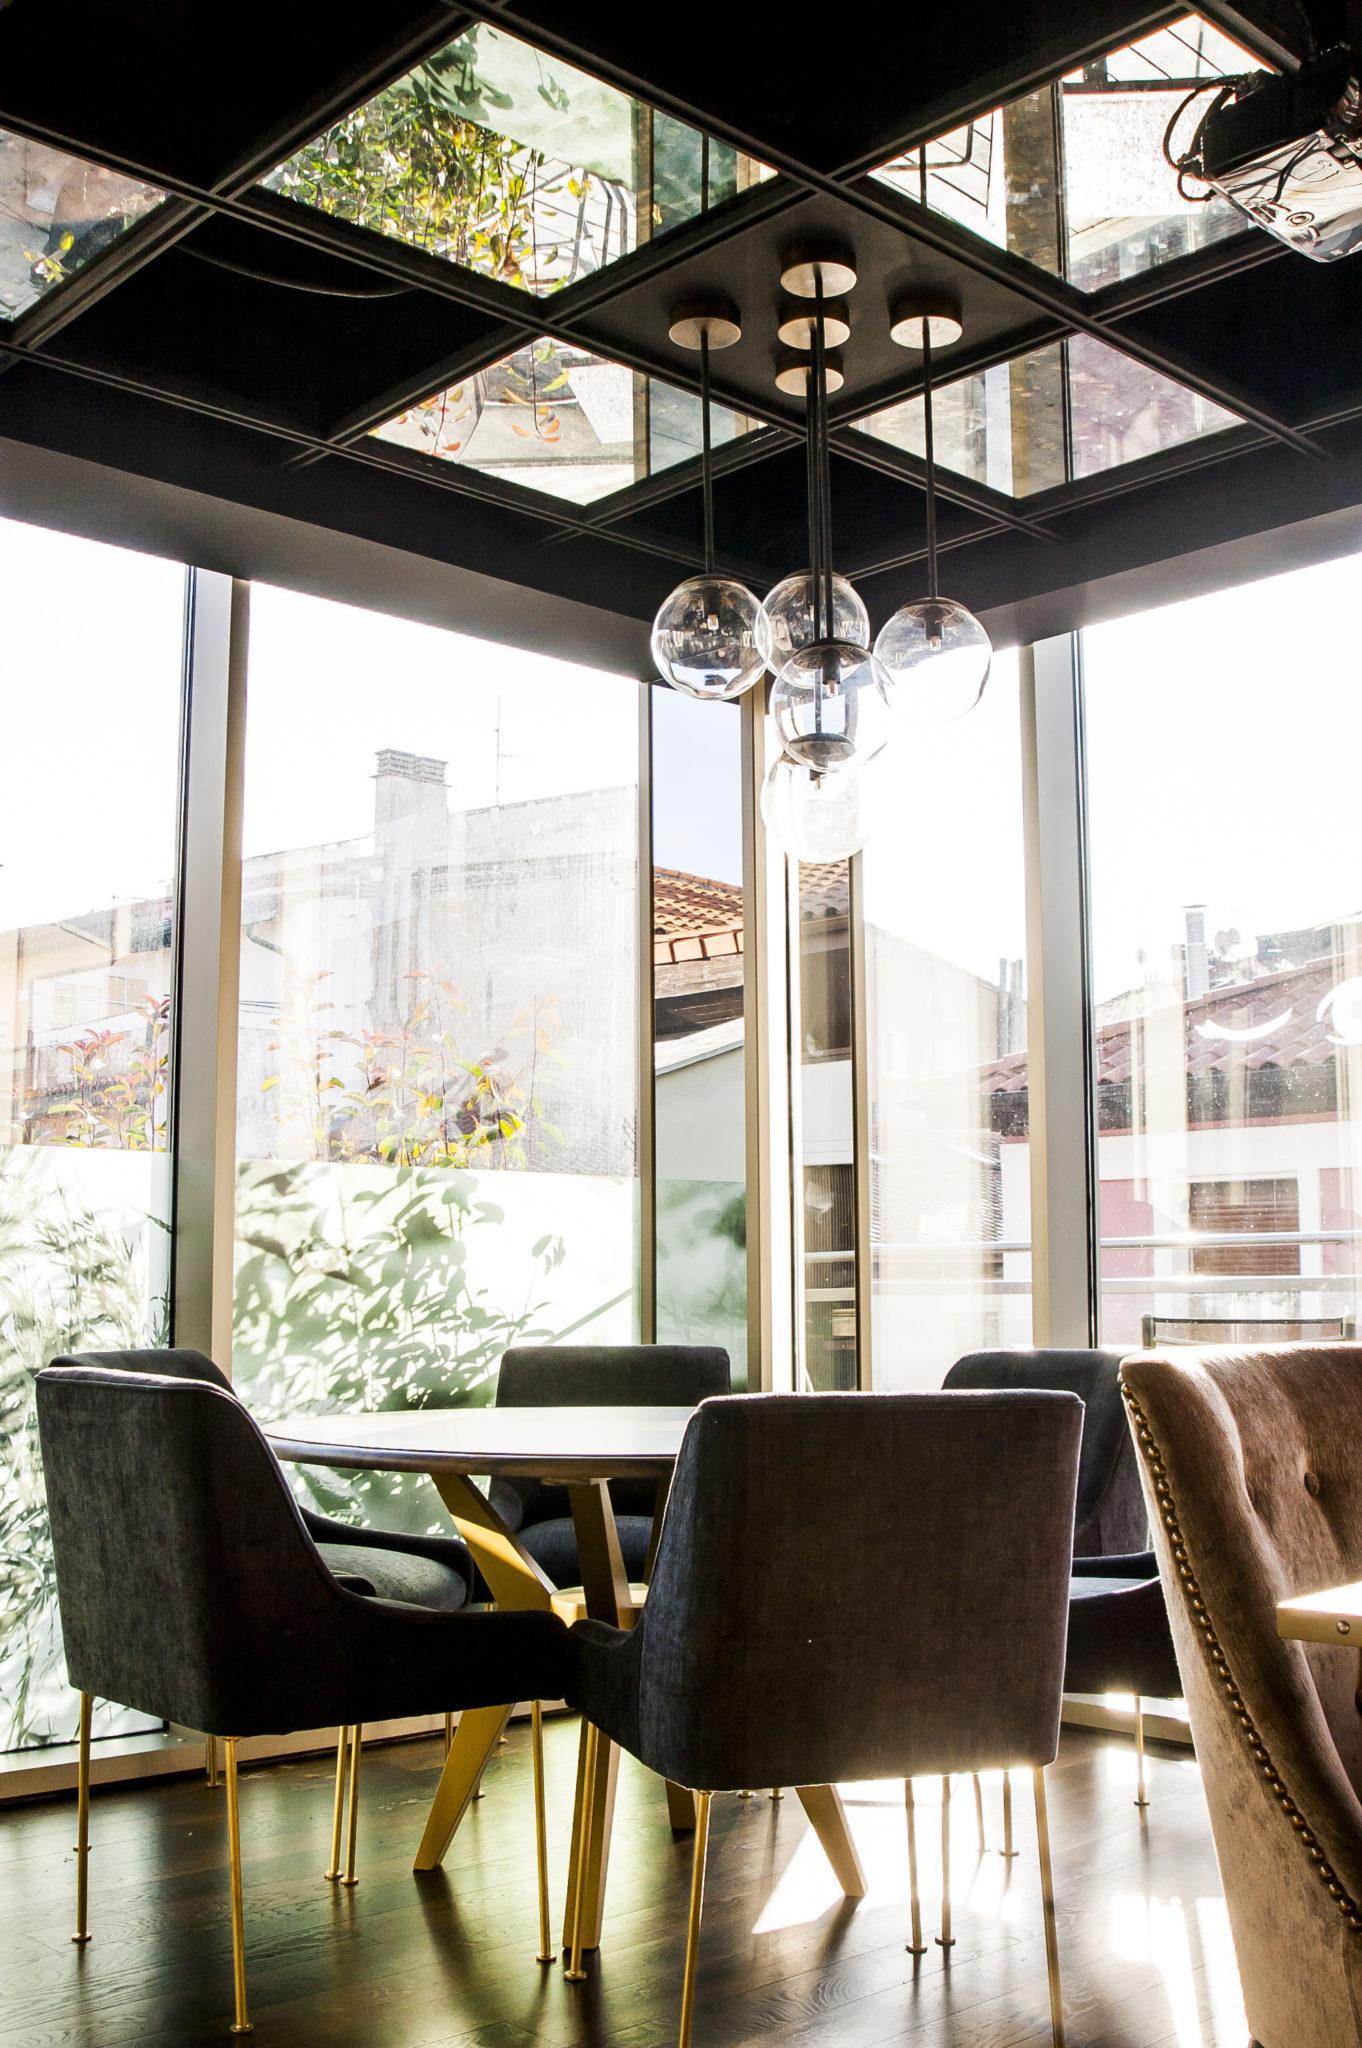 Reflejos en El Buho Restaurante Sky Bar en Pamplona